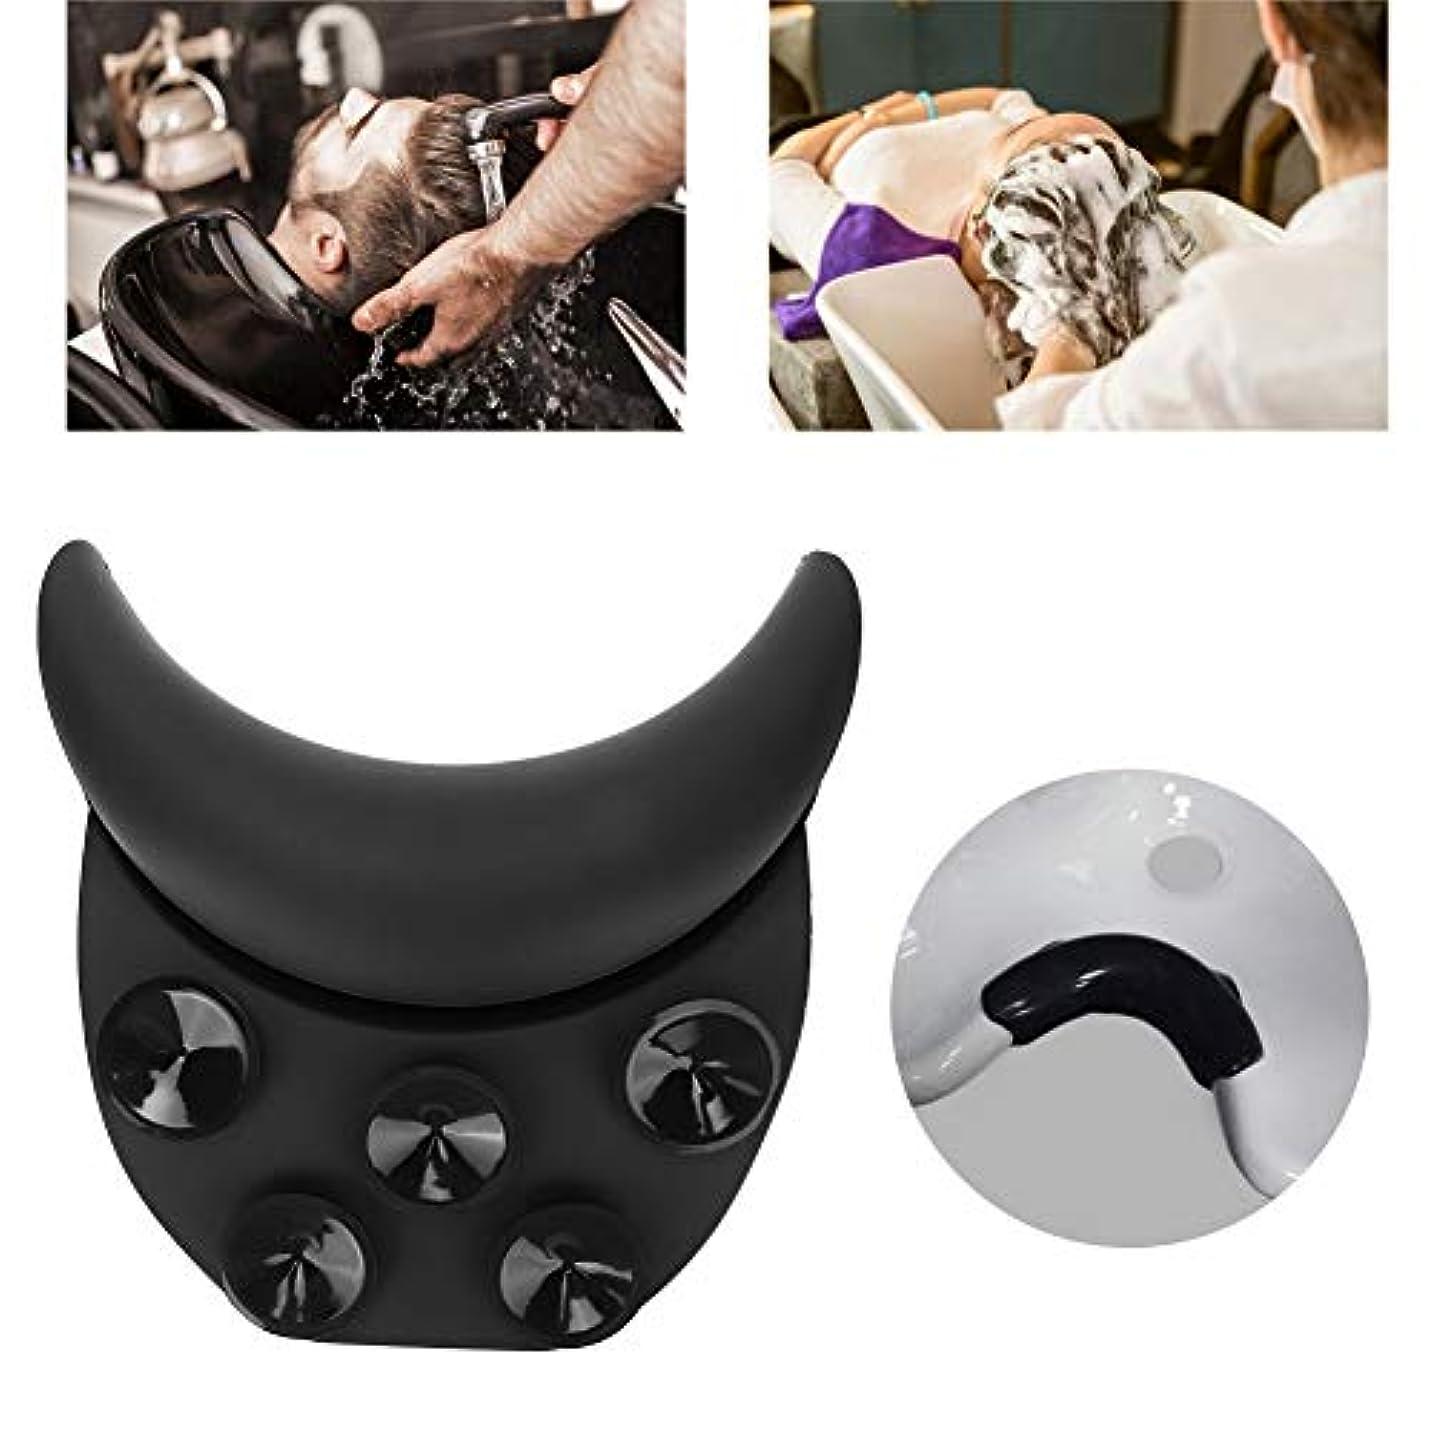 仲間蜂グッゲンハイム美術館ソフト シリコンカーブ枕 シャンプーベッド ネックレスト 髪洗浄枕理髪ツール